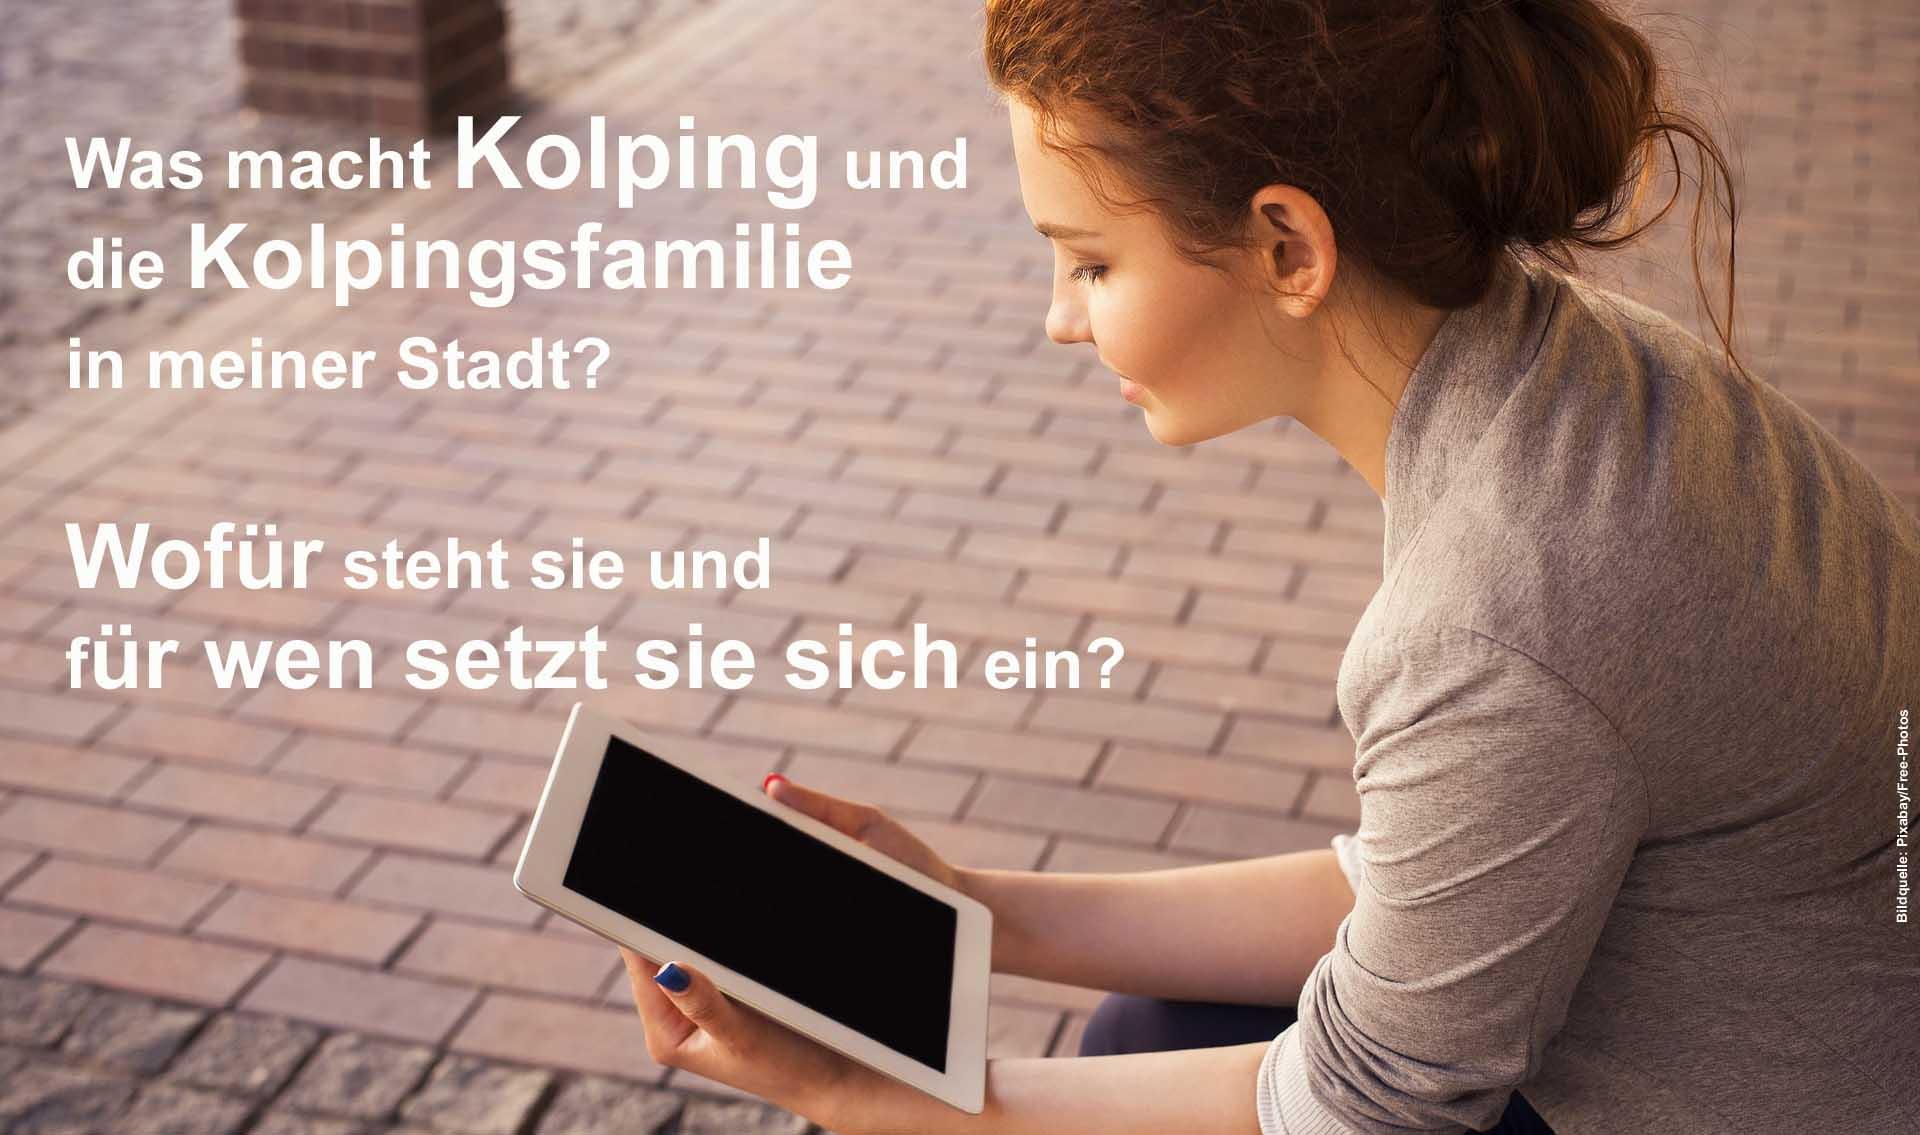 Was macht Kolping,  für wen setzt sich Kolping Deutschland und die Kolpingsfamilie ein